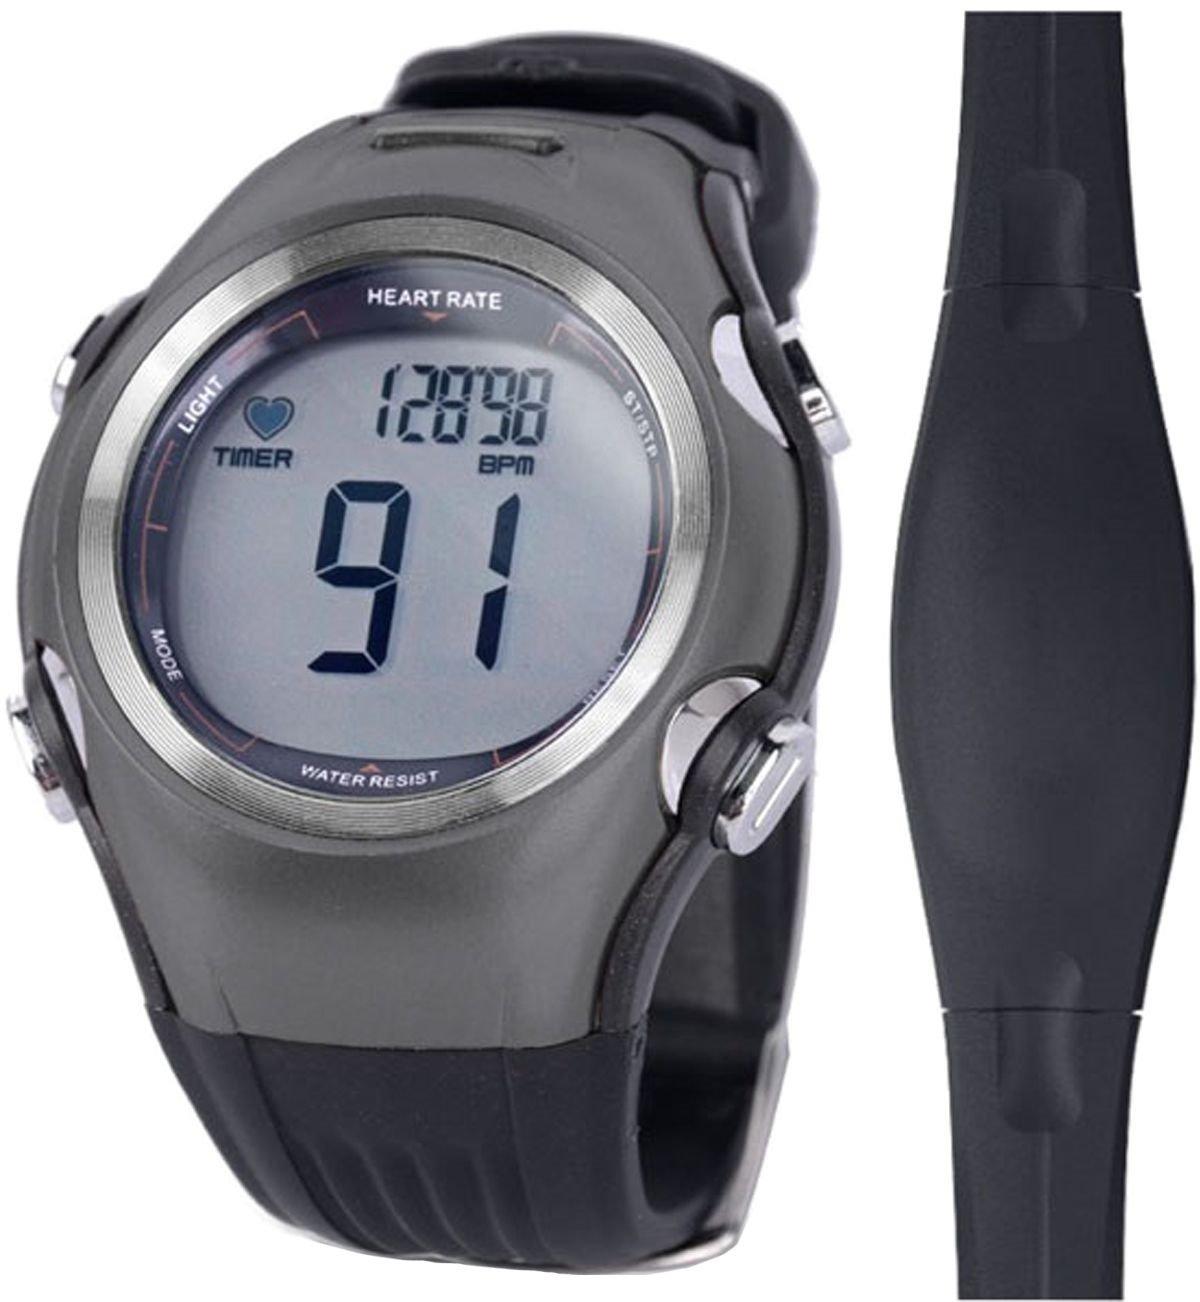 Спортивные часы iSport w117 (серый)